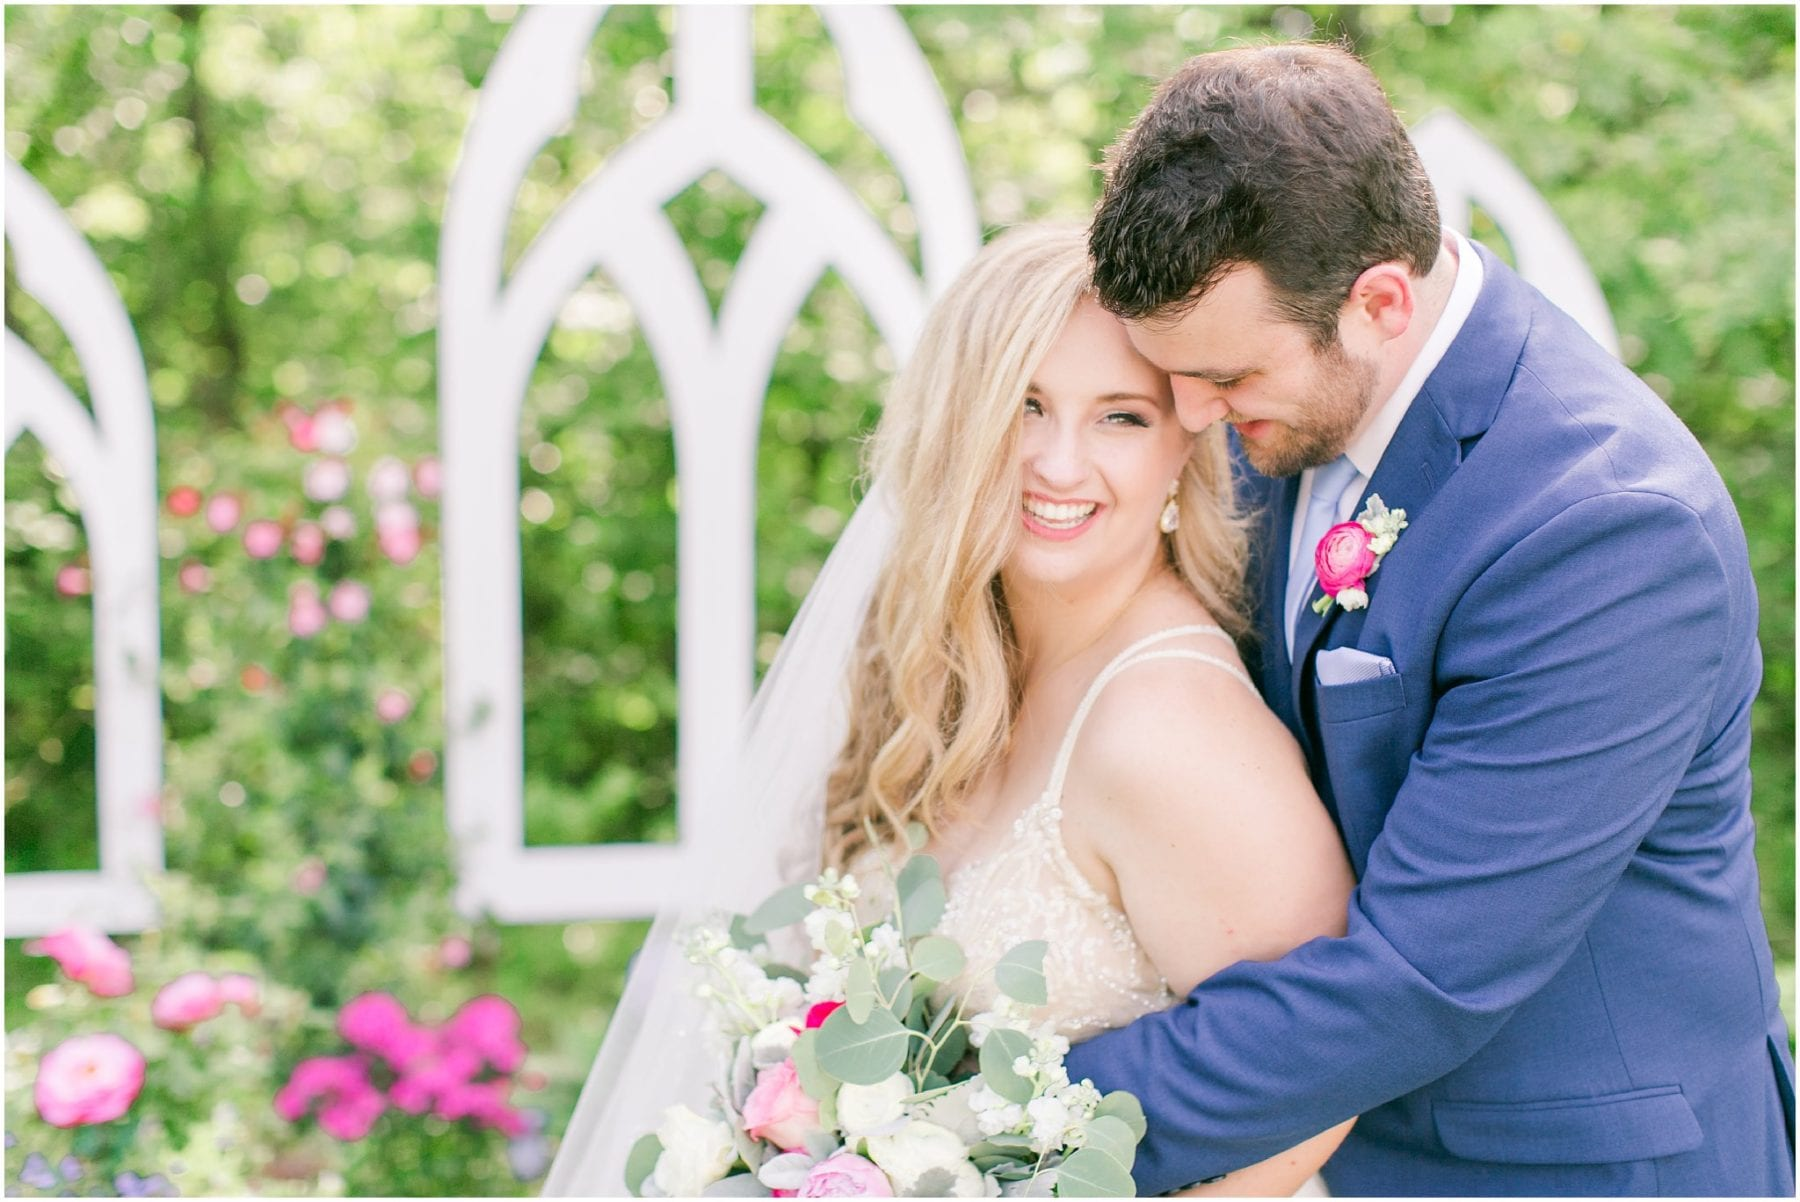 Maryland Backyard Wedding Photos Kelly & Zach Megan Kelsey Photography-115.jpg